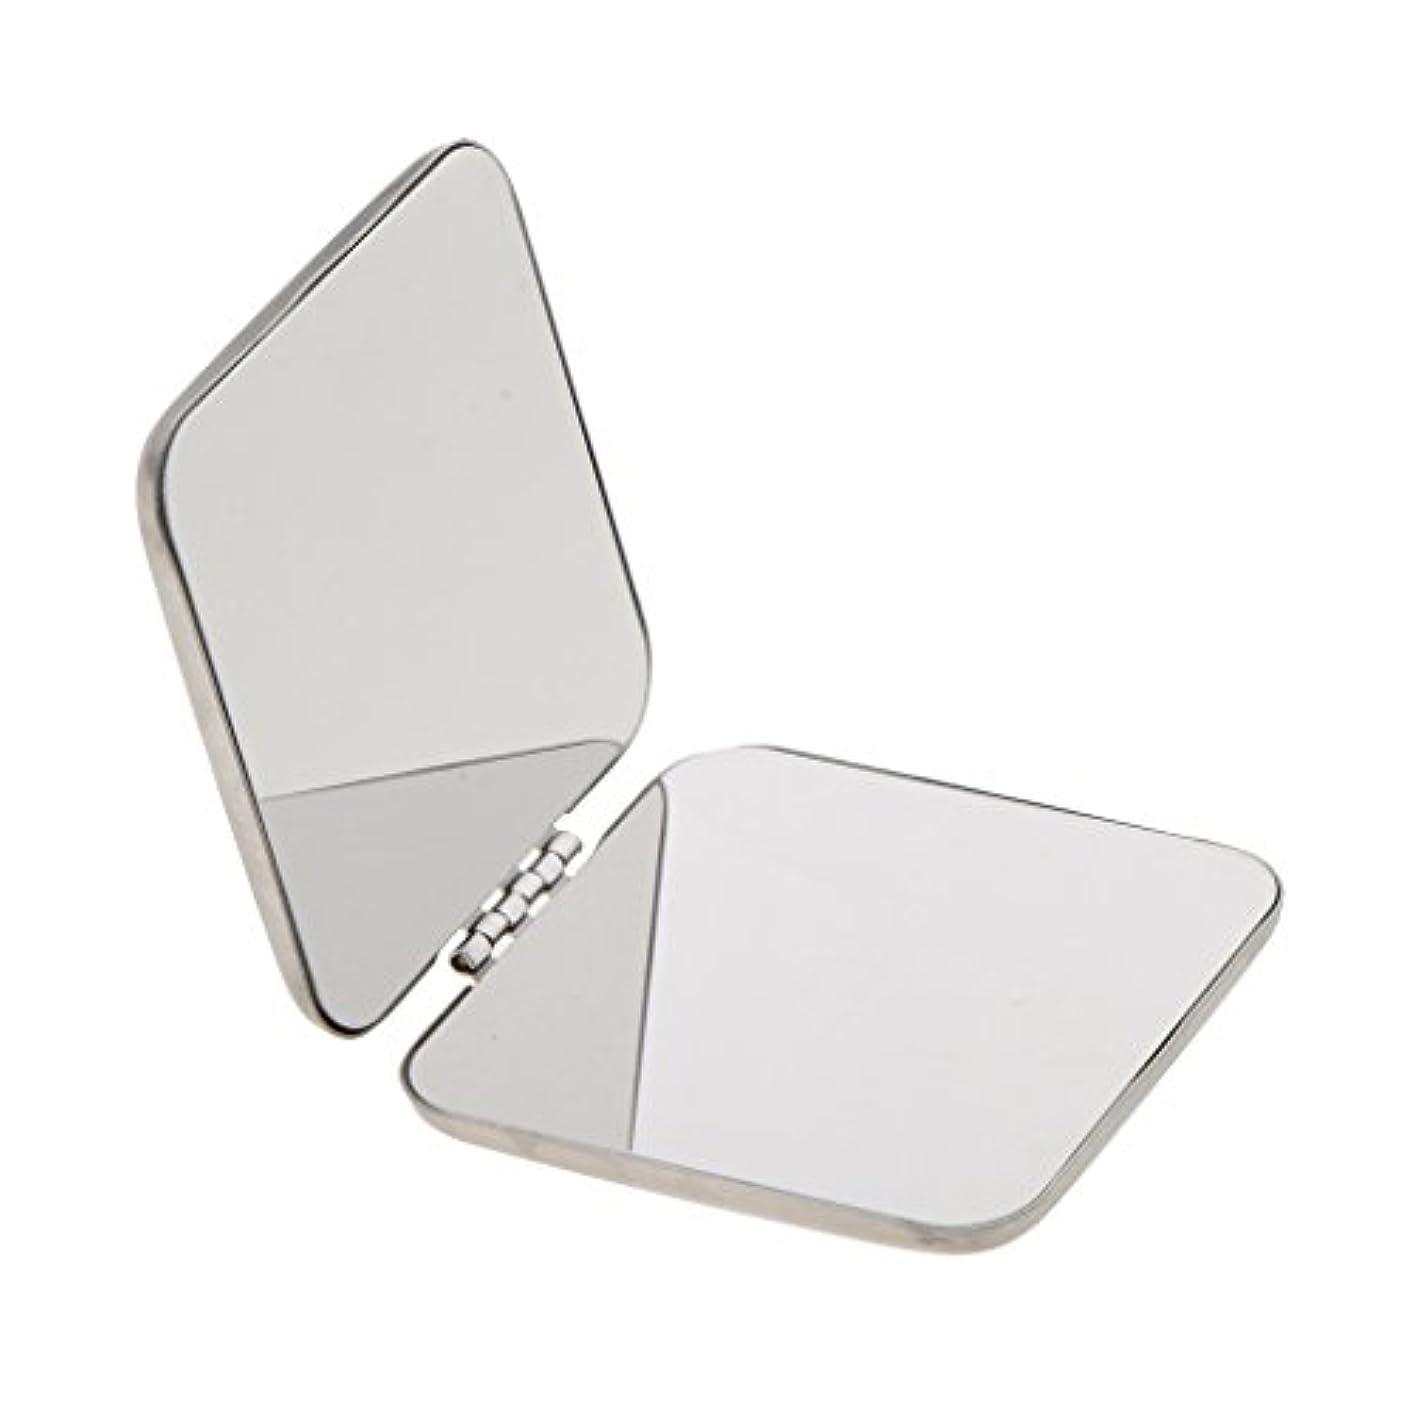 ワゴンメディカルバイオリンKesoto ステンレス メイクミラー 拡大鏡 折りたたみ式 両面鏡 ミラー ステンレス製 持ち込み便利